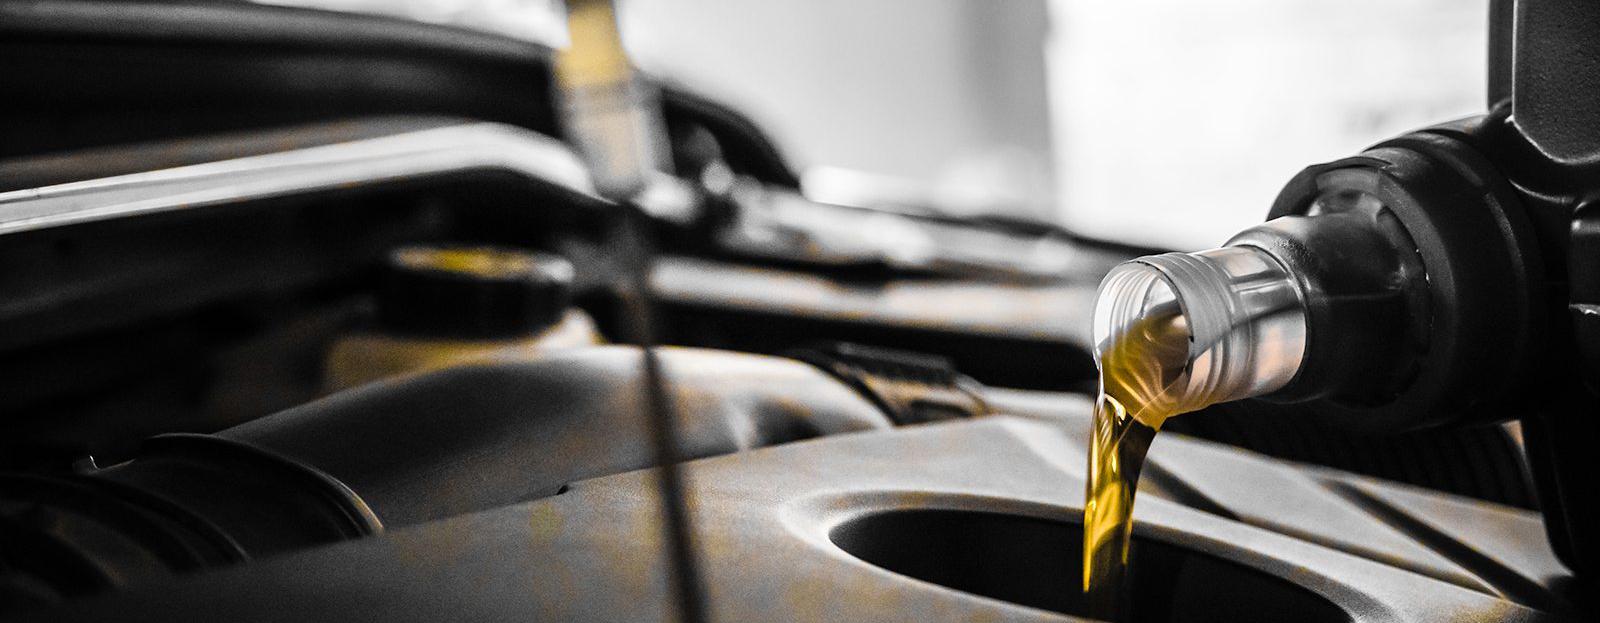 smart fortwo 451 benzin olajcsere képes útmutató leírás milyen olaj kell a smartba